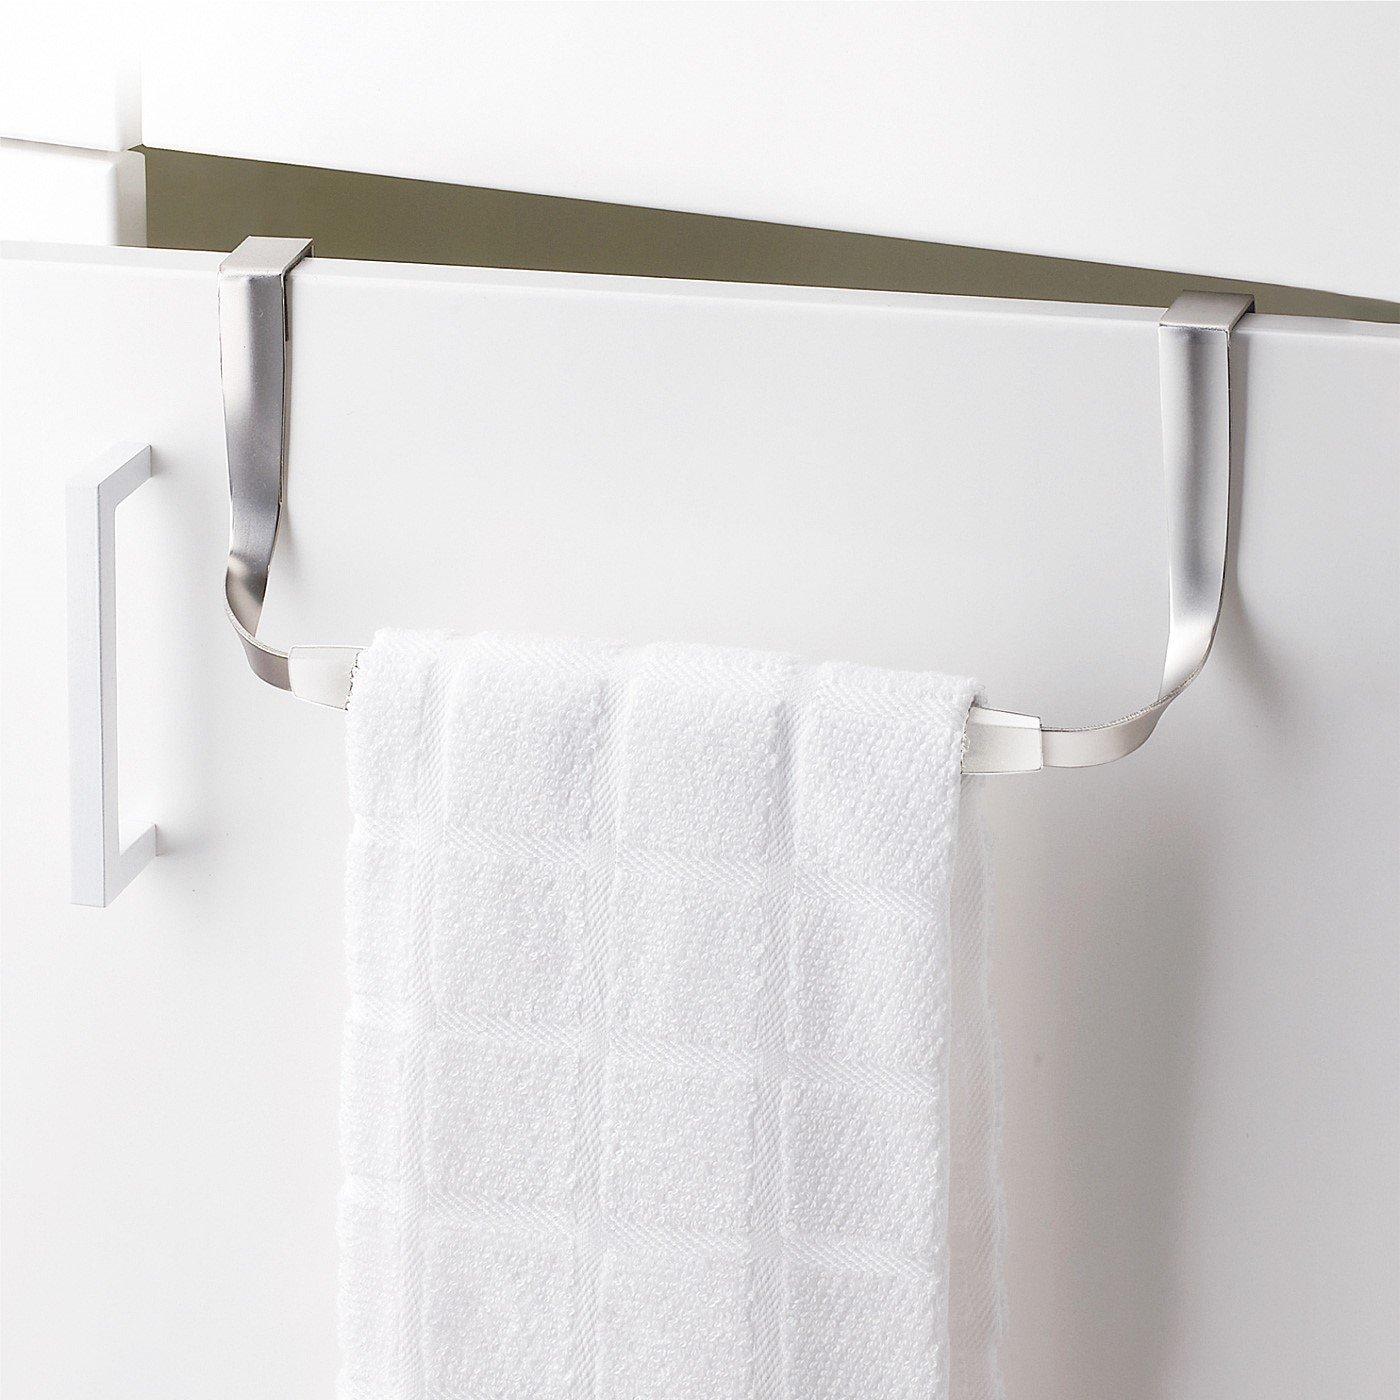 キッチン扉に掛けるだけ タオルがずれ落ちにくいタオルハンガー